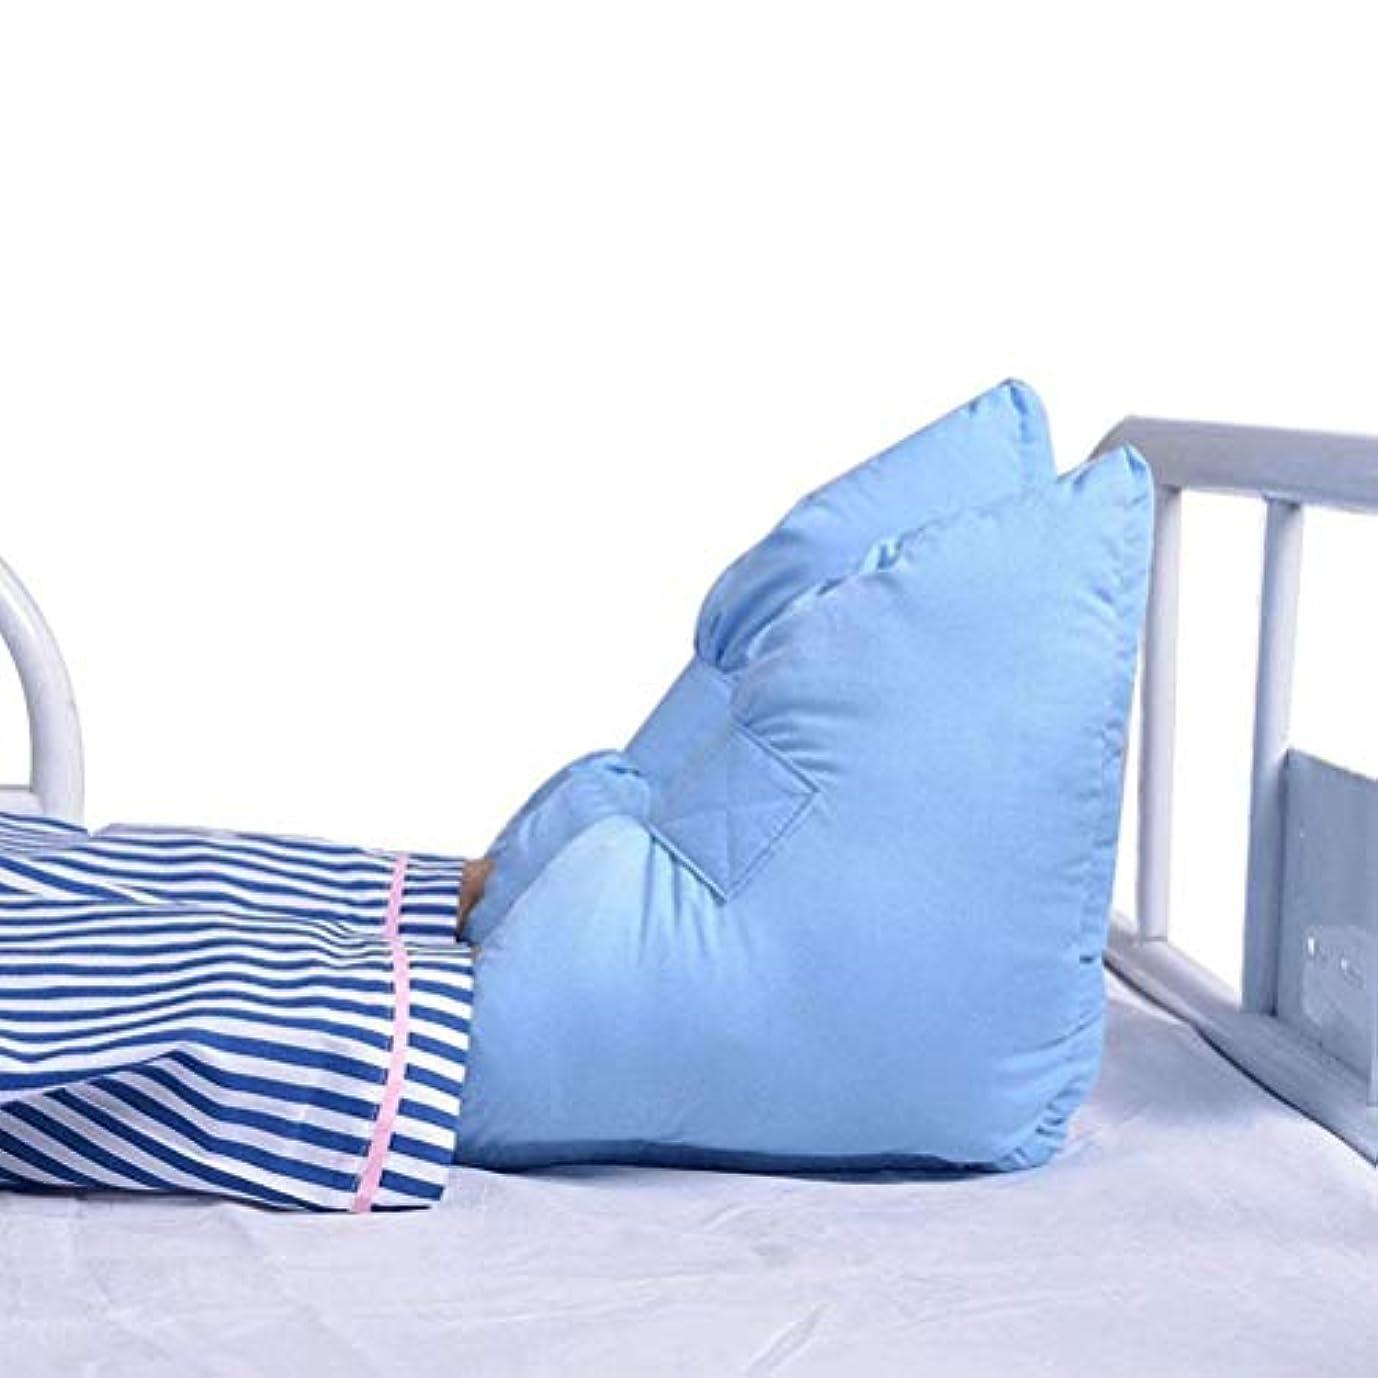 滅びるテーブルを設定する断片かかと足首足プロテクター、Dec瘡/床ずれ/Press瘡のポリエステル/綿カバー付き保護枕クッション